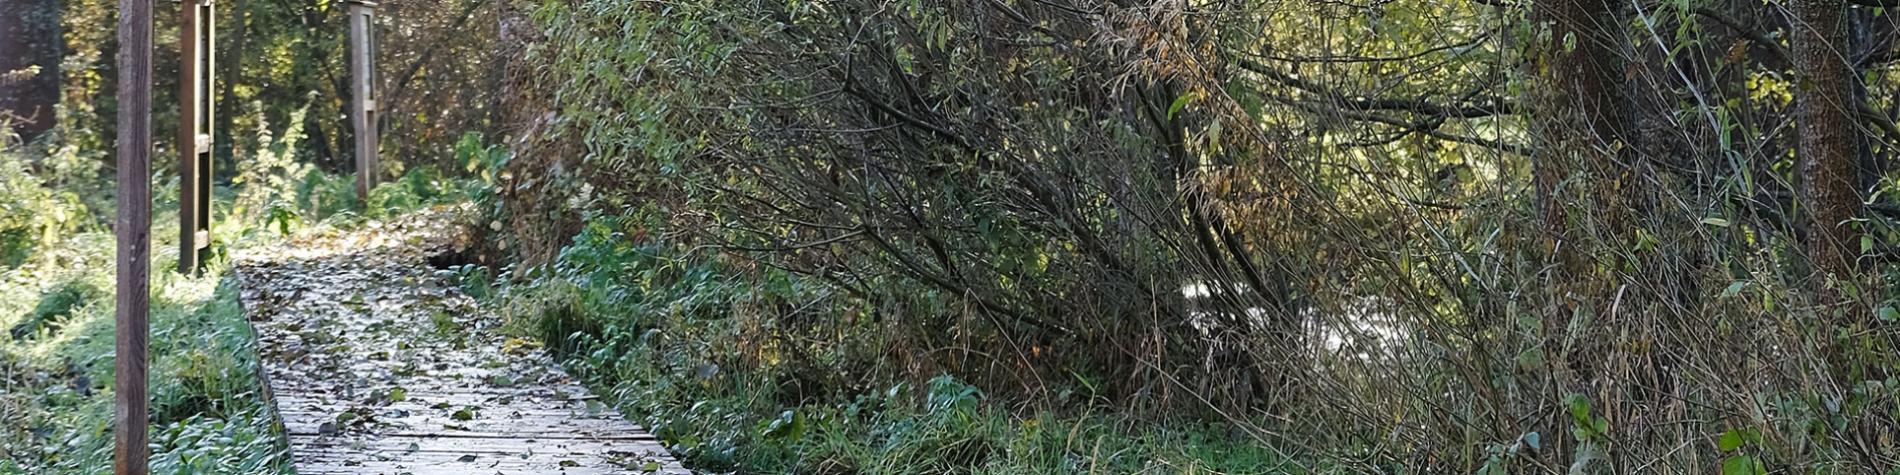 Zone humide de Lomprez - Balade didactique - Vue du caillebotis - Wellin